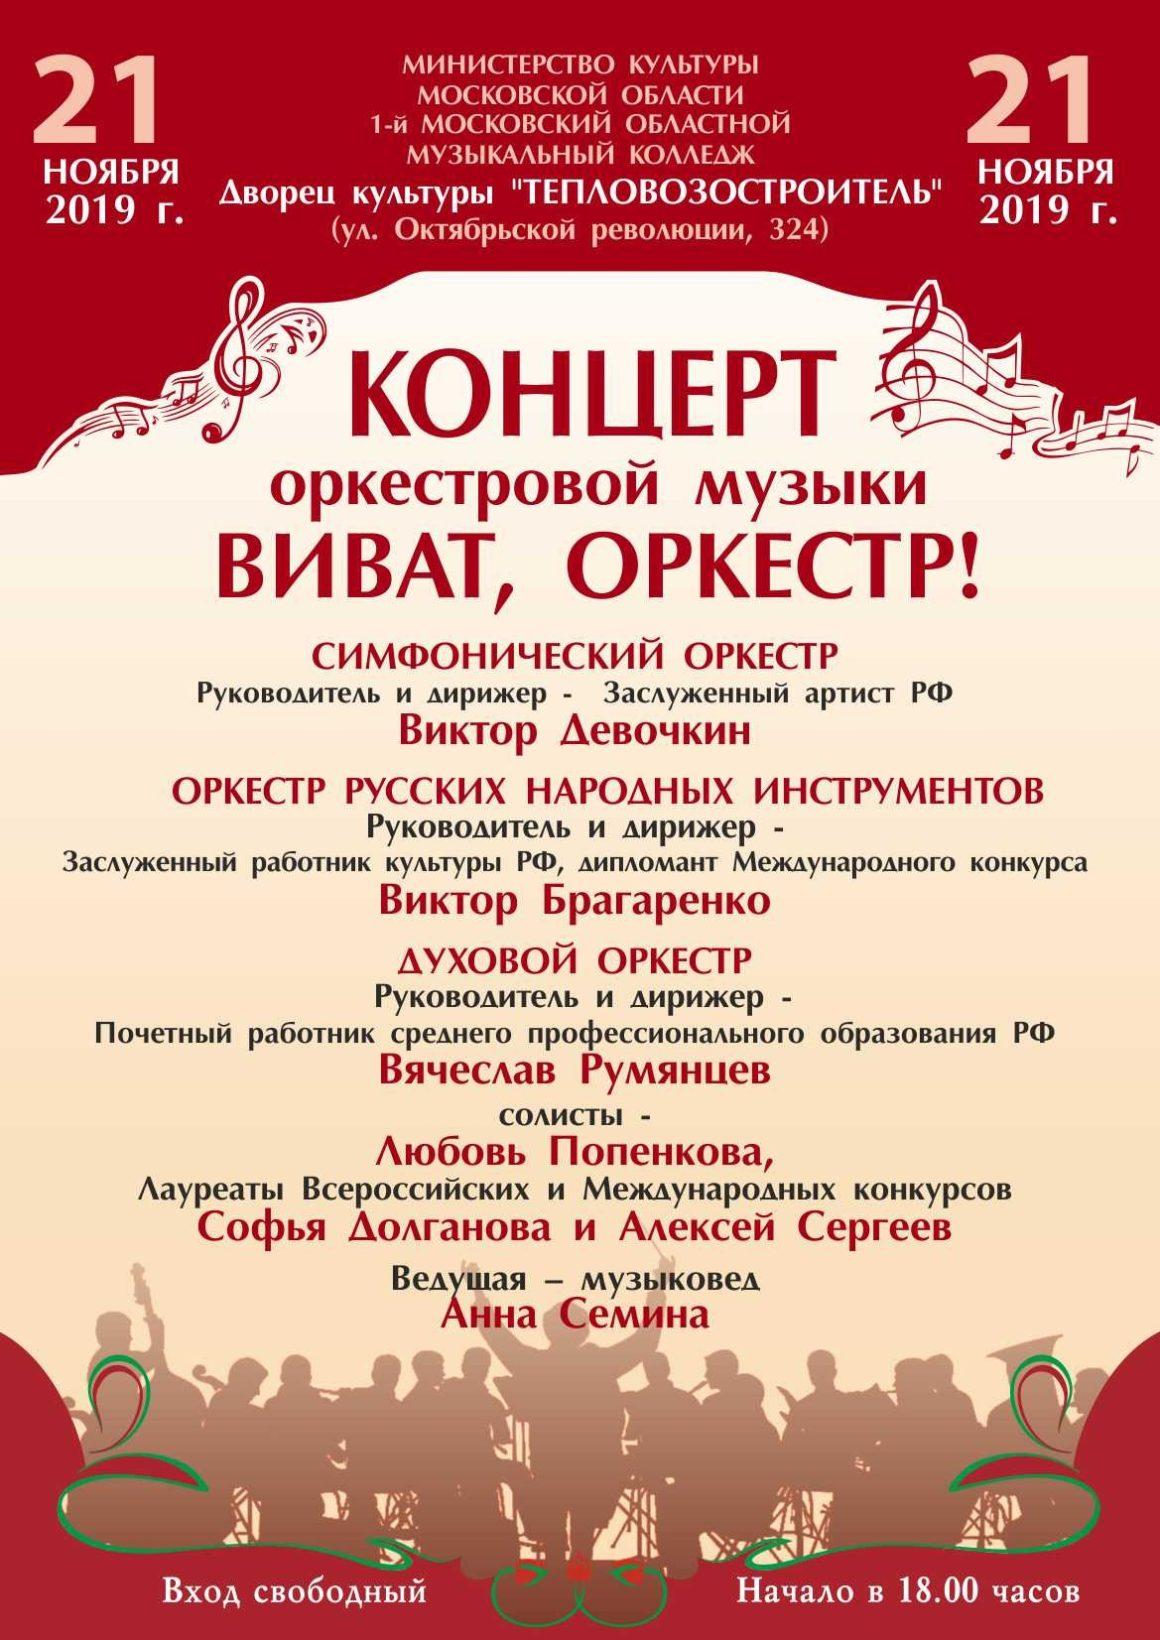 21 ноября 2019 года в ДК «Тепловозостроитель» состоится концерт «Виват, оркестр!»